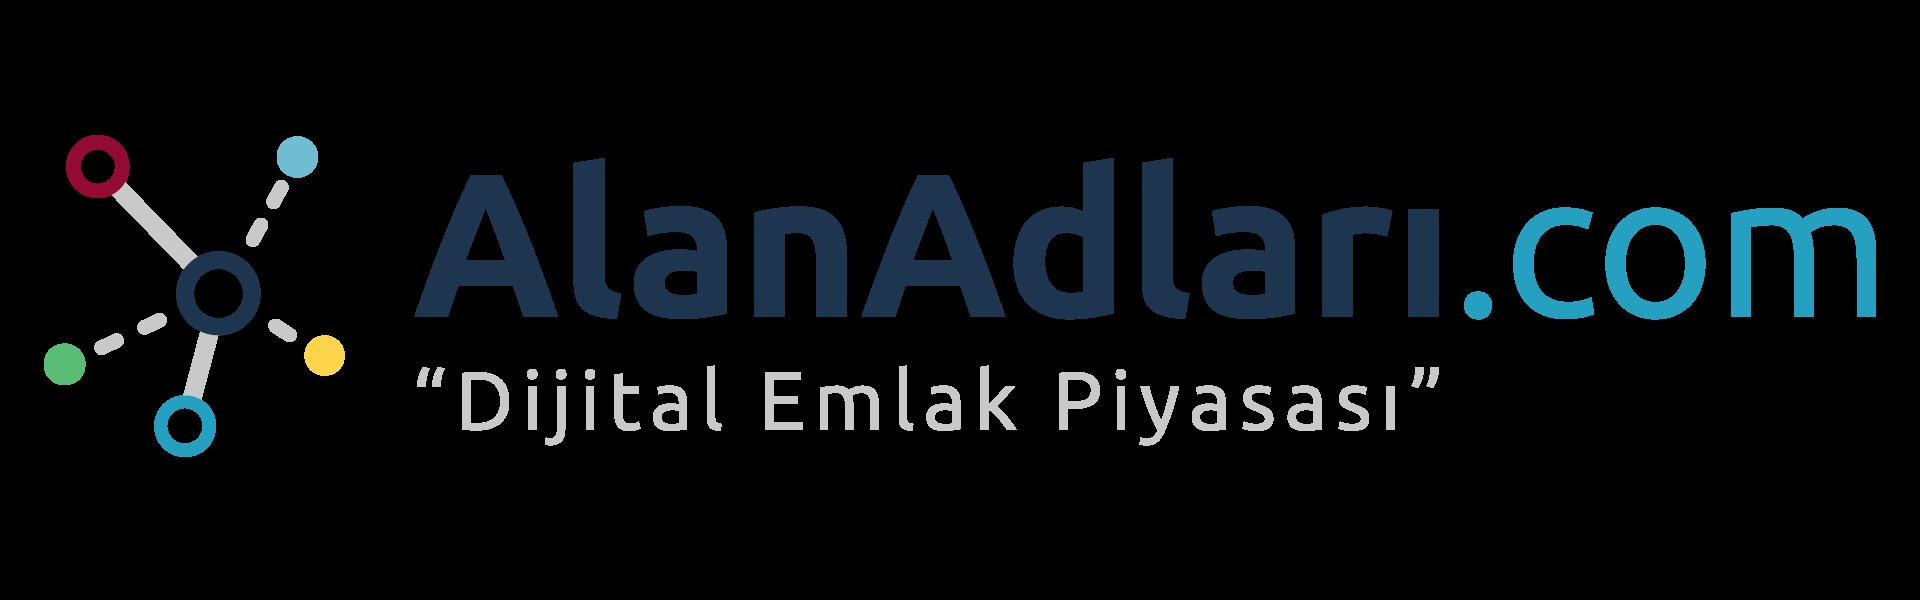 Domain Yatırımcılarına Tavsiyeler - 2016 - AlanAdlari.com